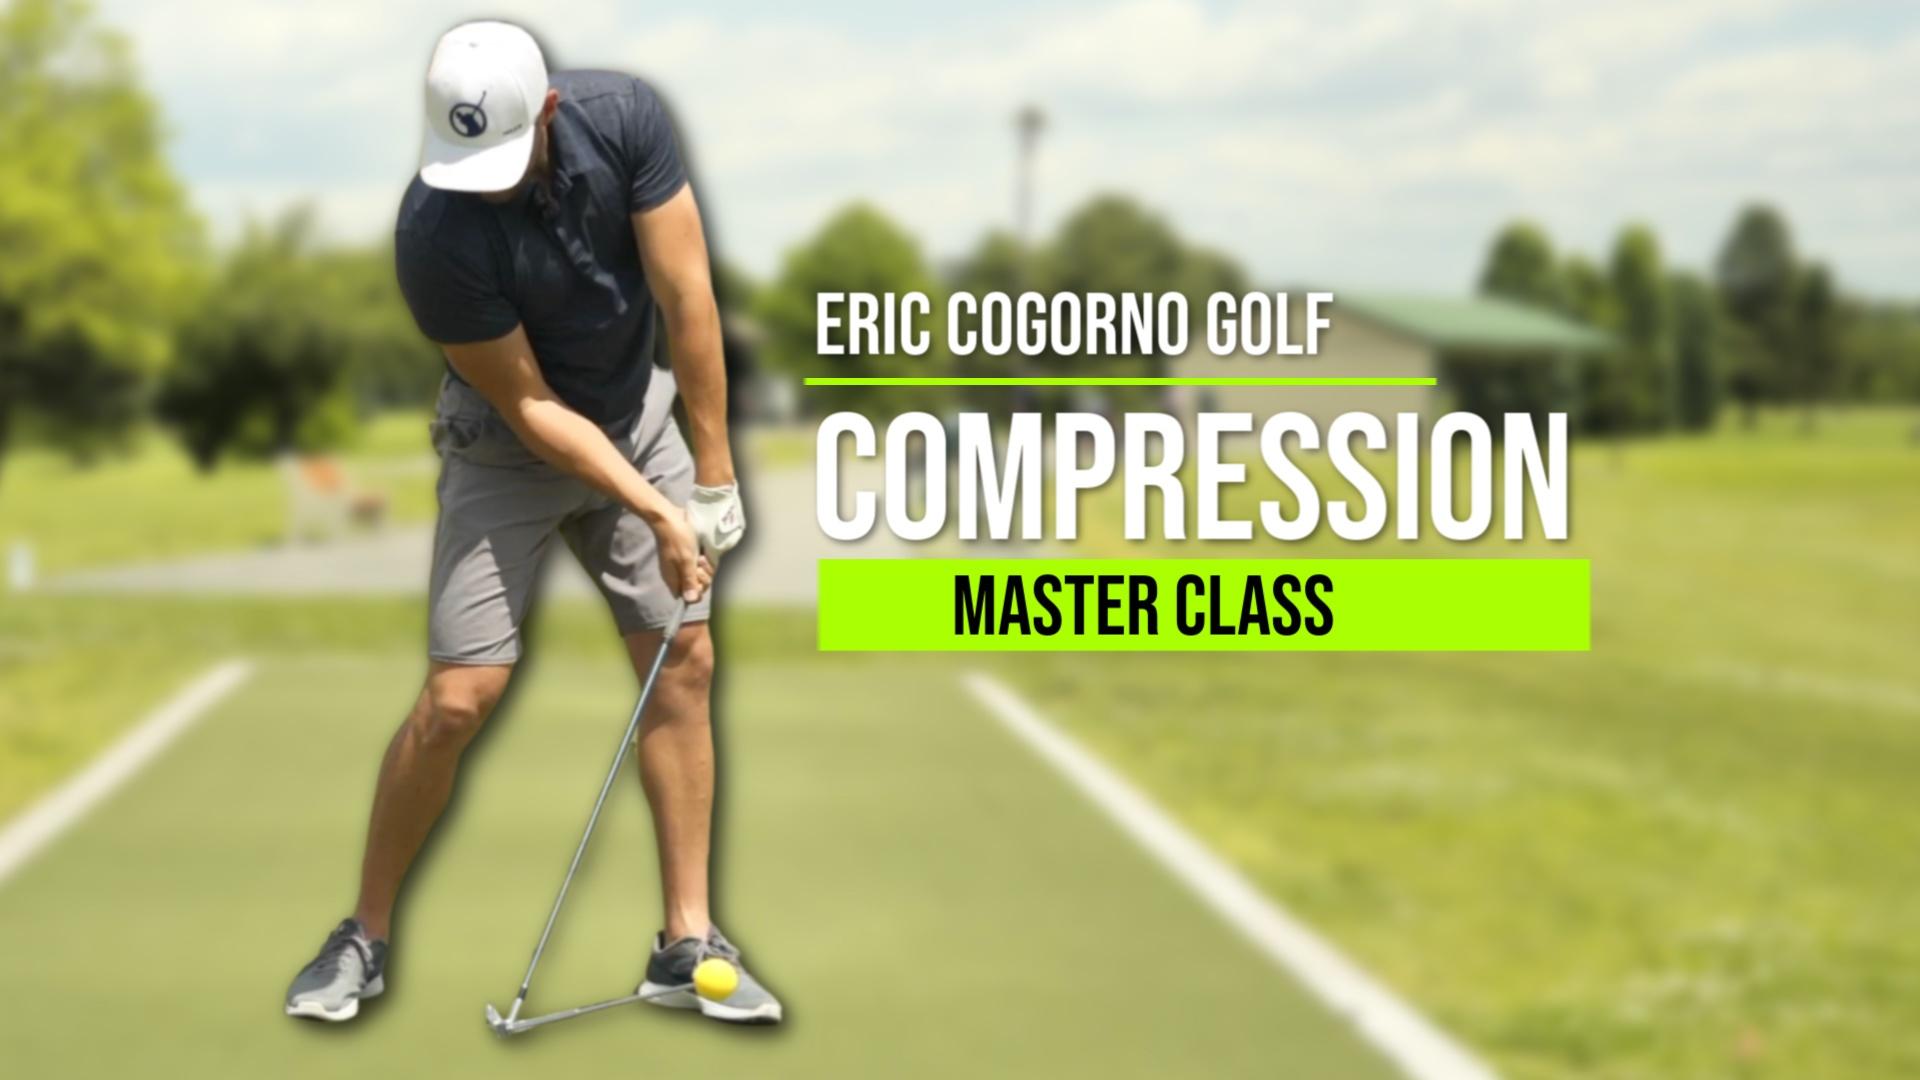 Compression Master Class